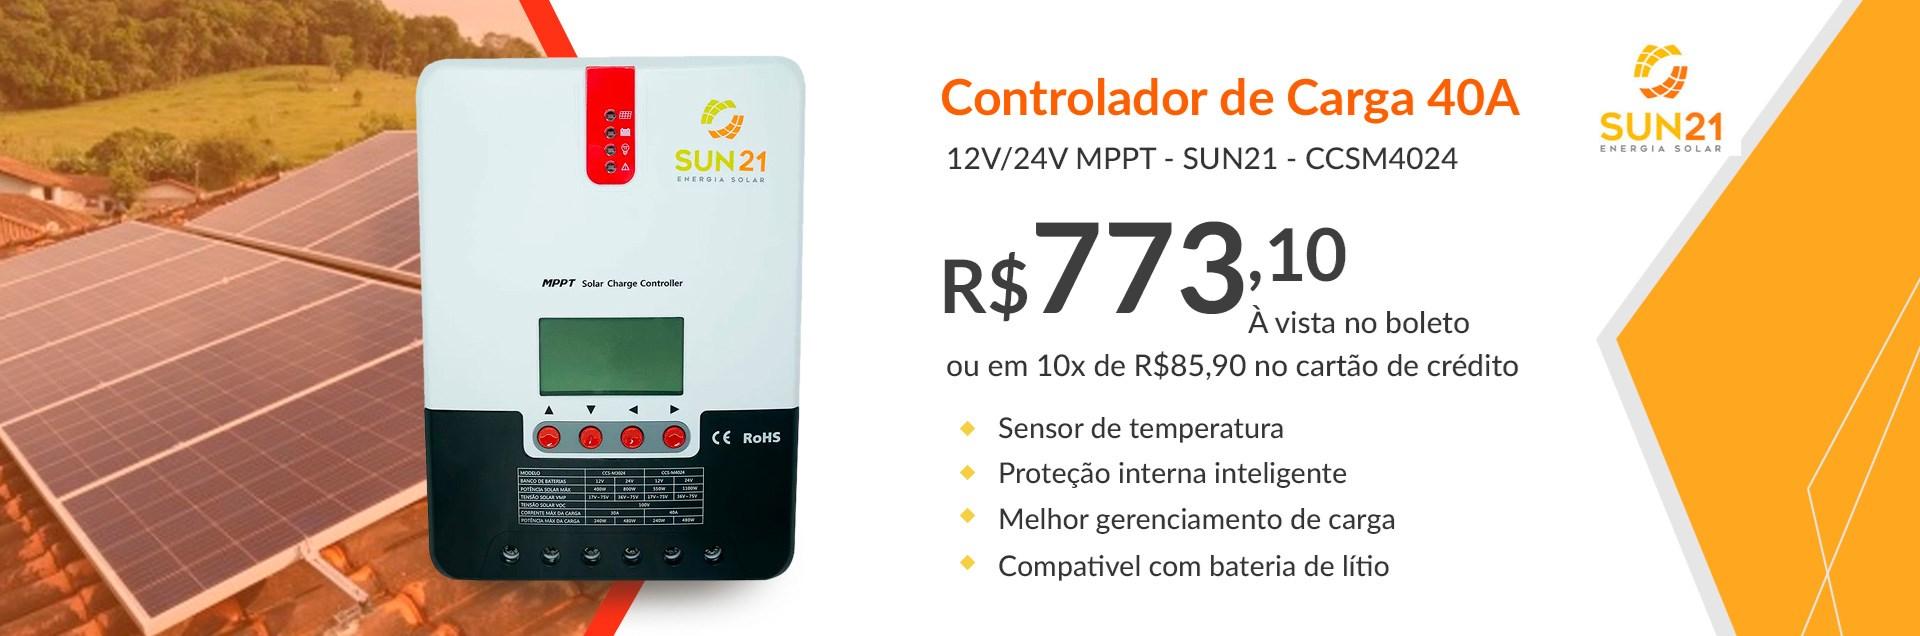 Controlador 40A Sun21